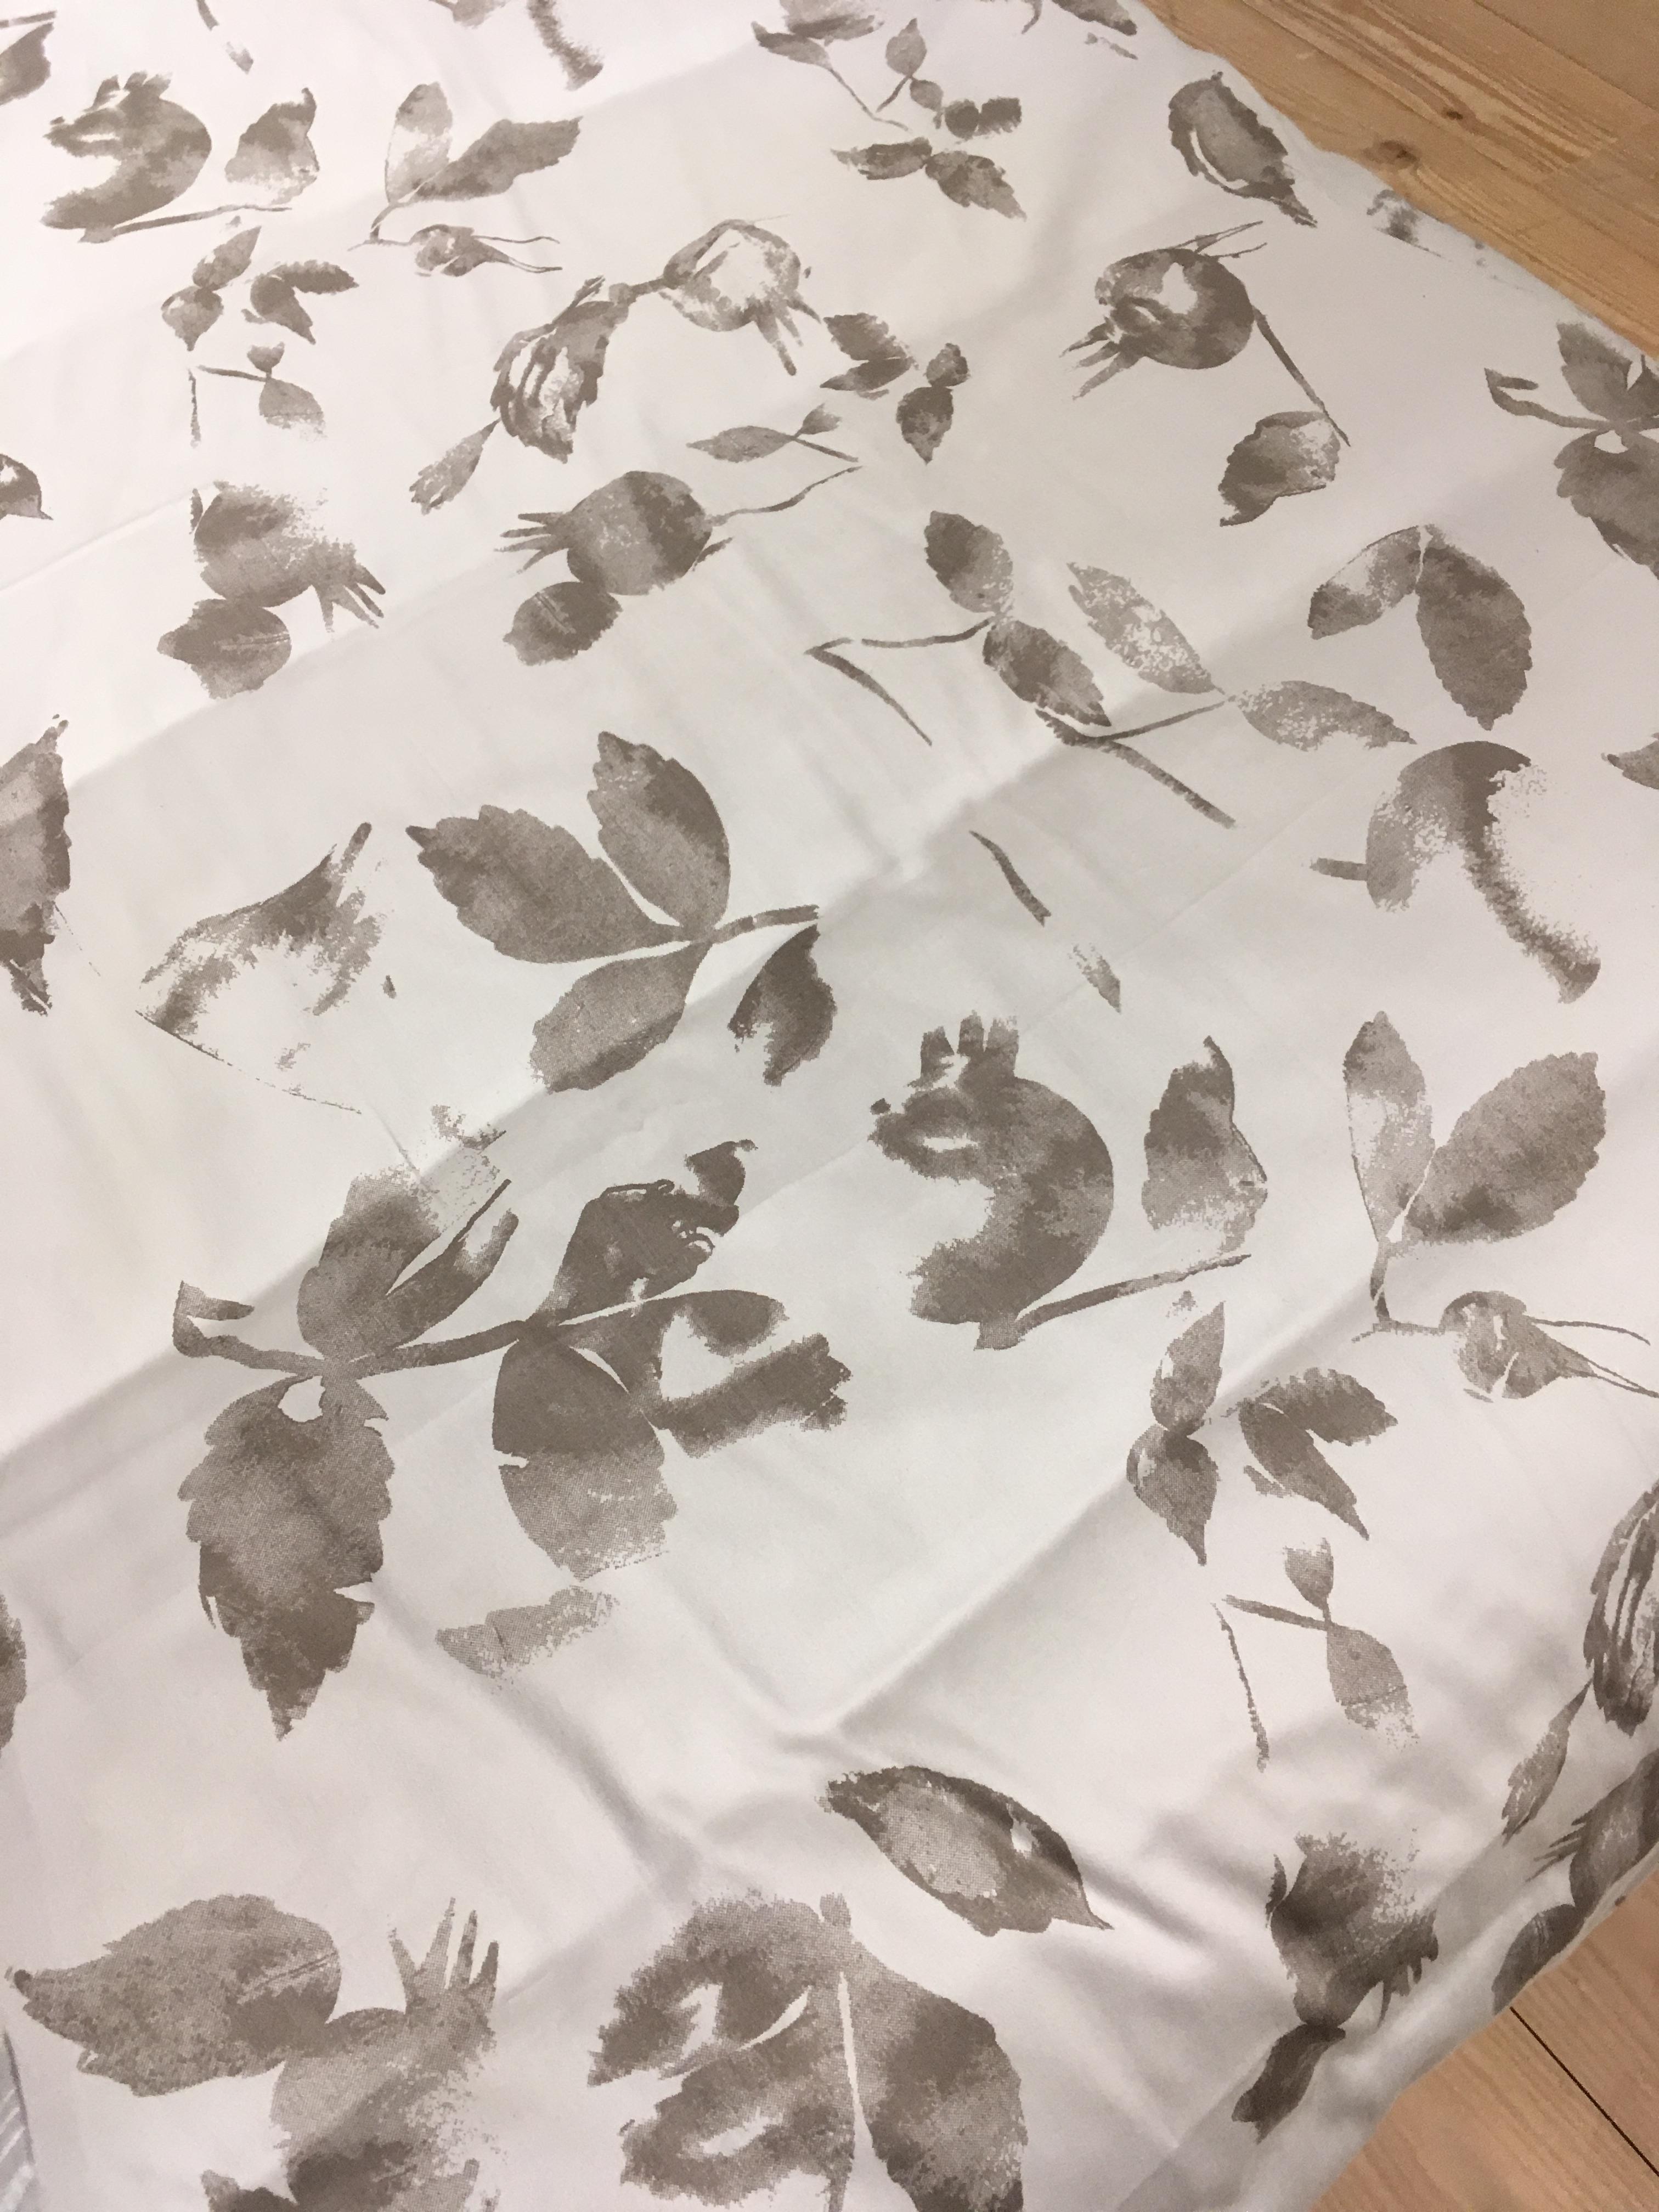 juna sengetøj i lækker blød kvalitet. Gode tilbud